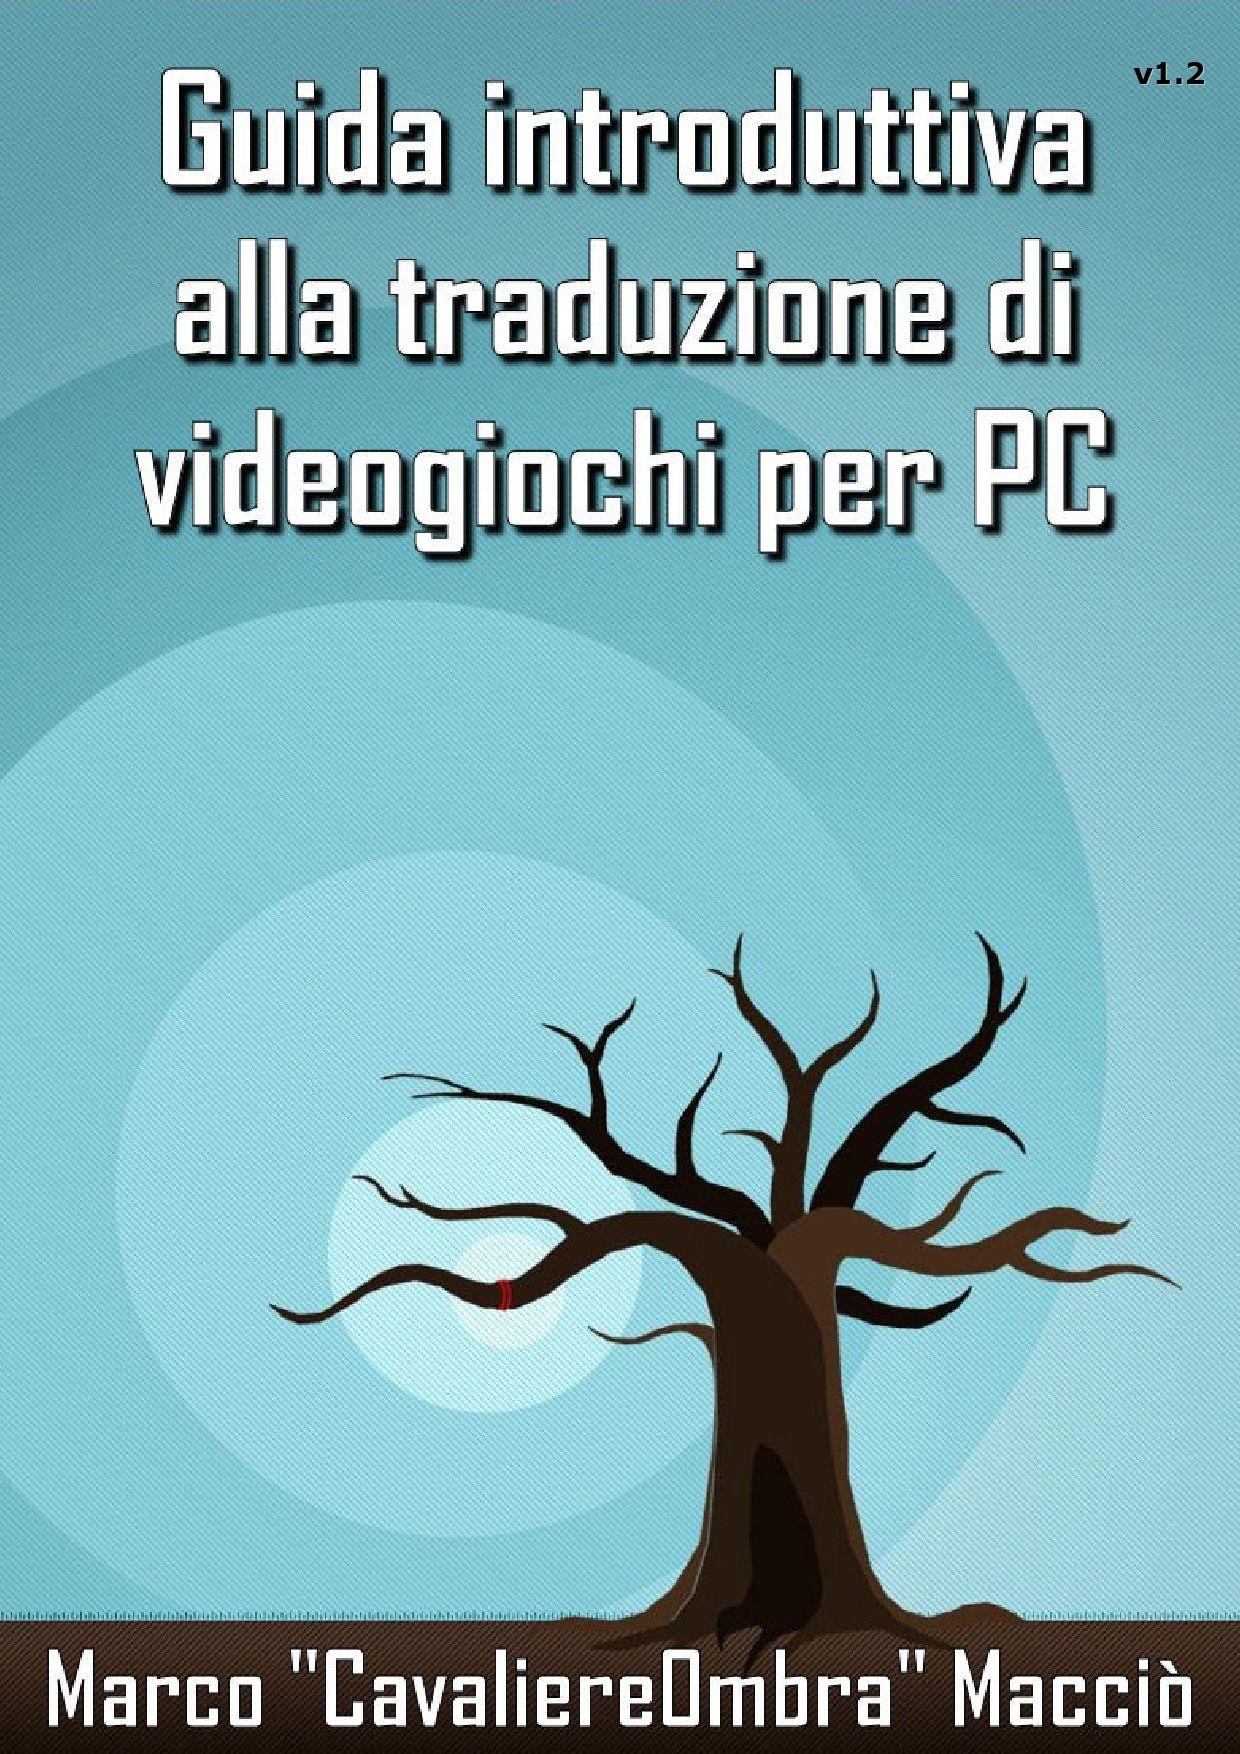 Guida alla traduzione di videogiochi per PC v1 2 A by Marco Macci² issuu